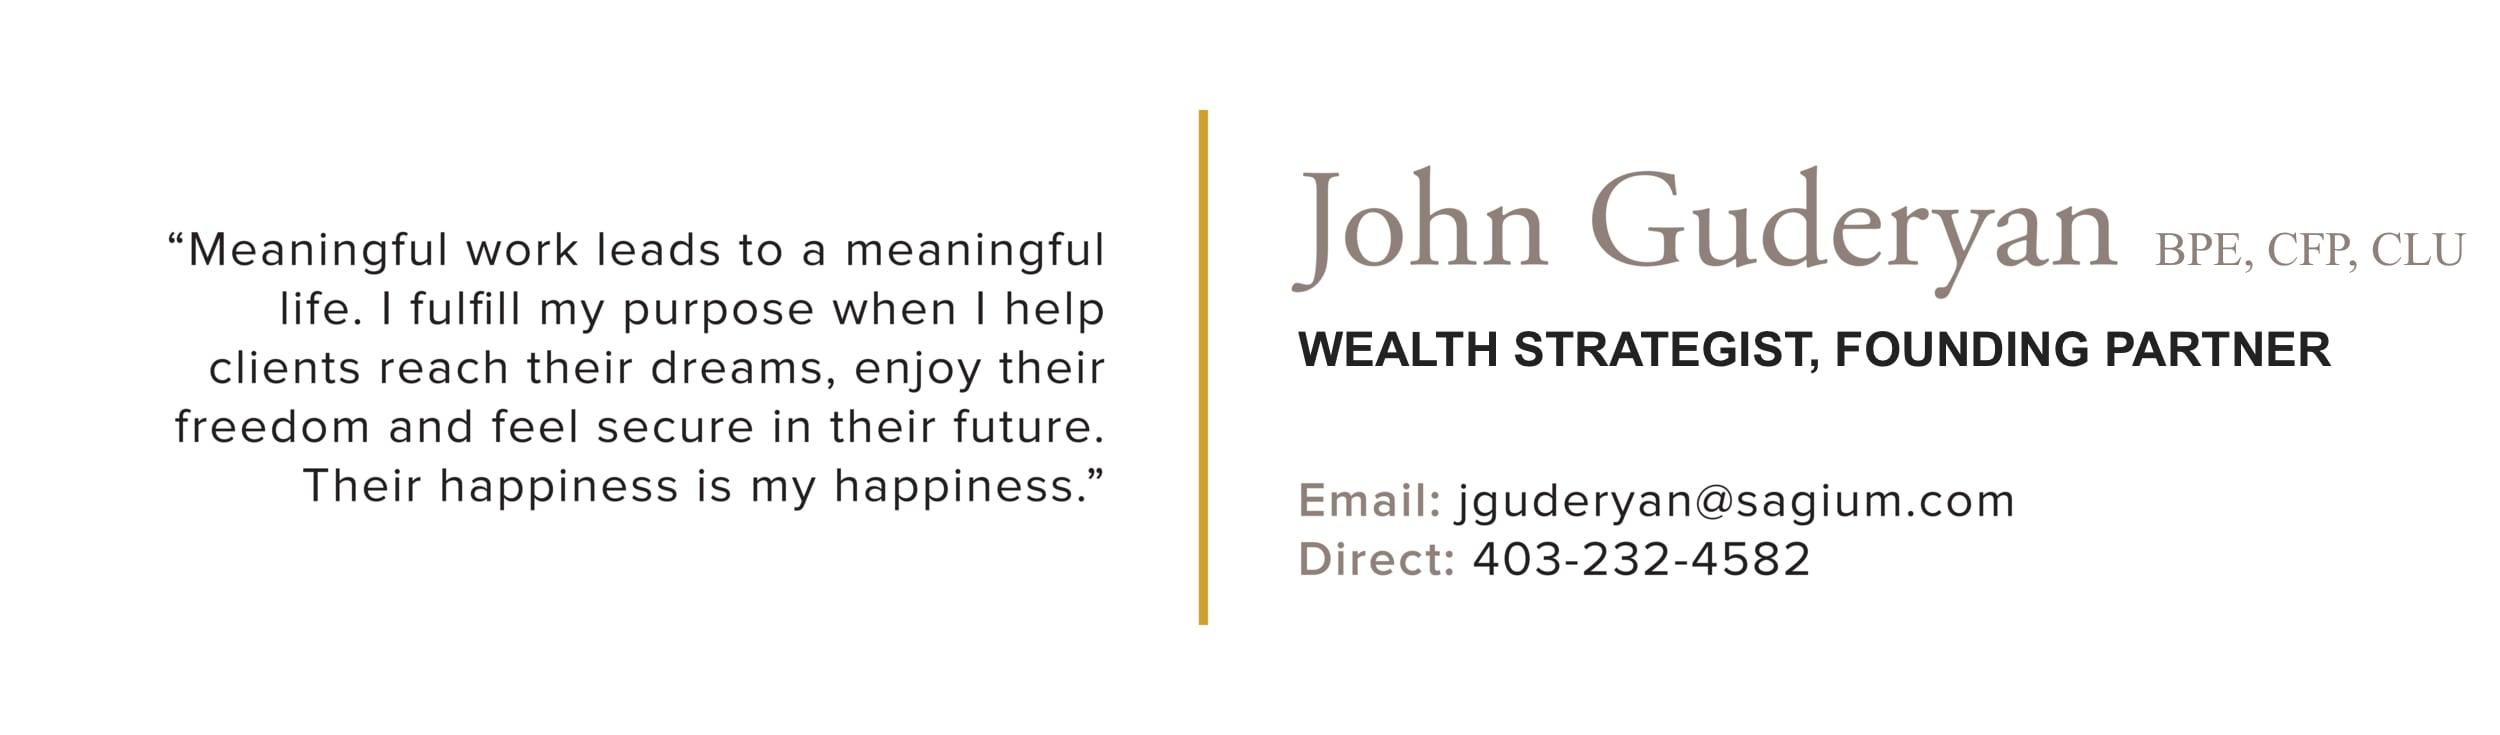 john-guderyan-card-v2.jpg